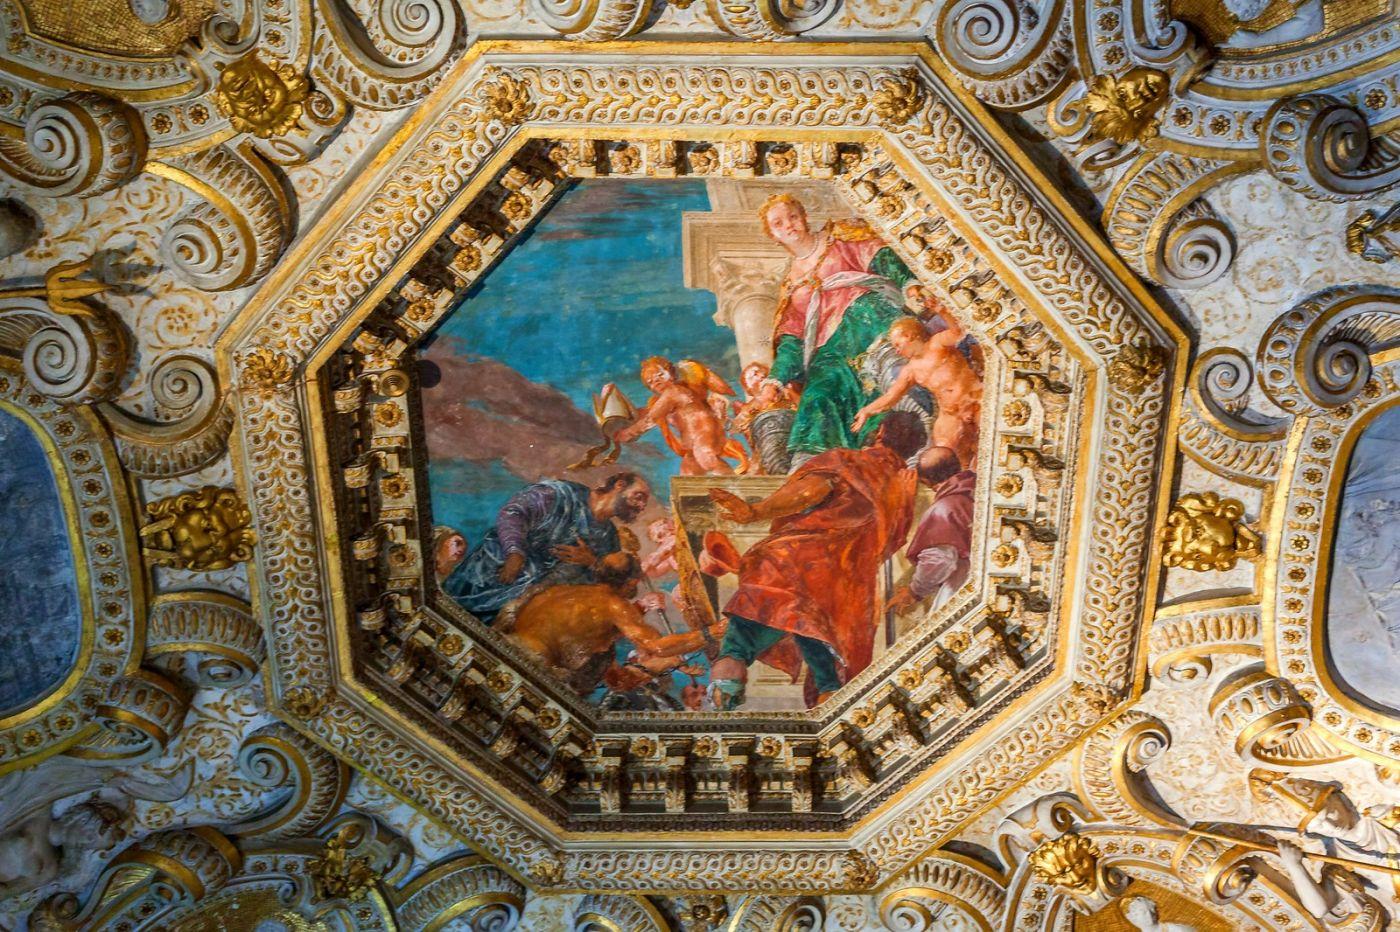 威尼斯圣马可大教堂(St Mark's Basilica), 精雕细琢的顶设_图1-11